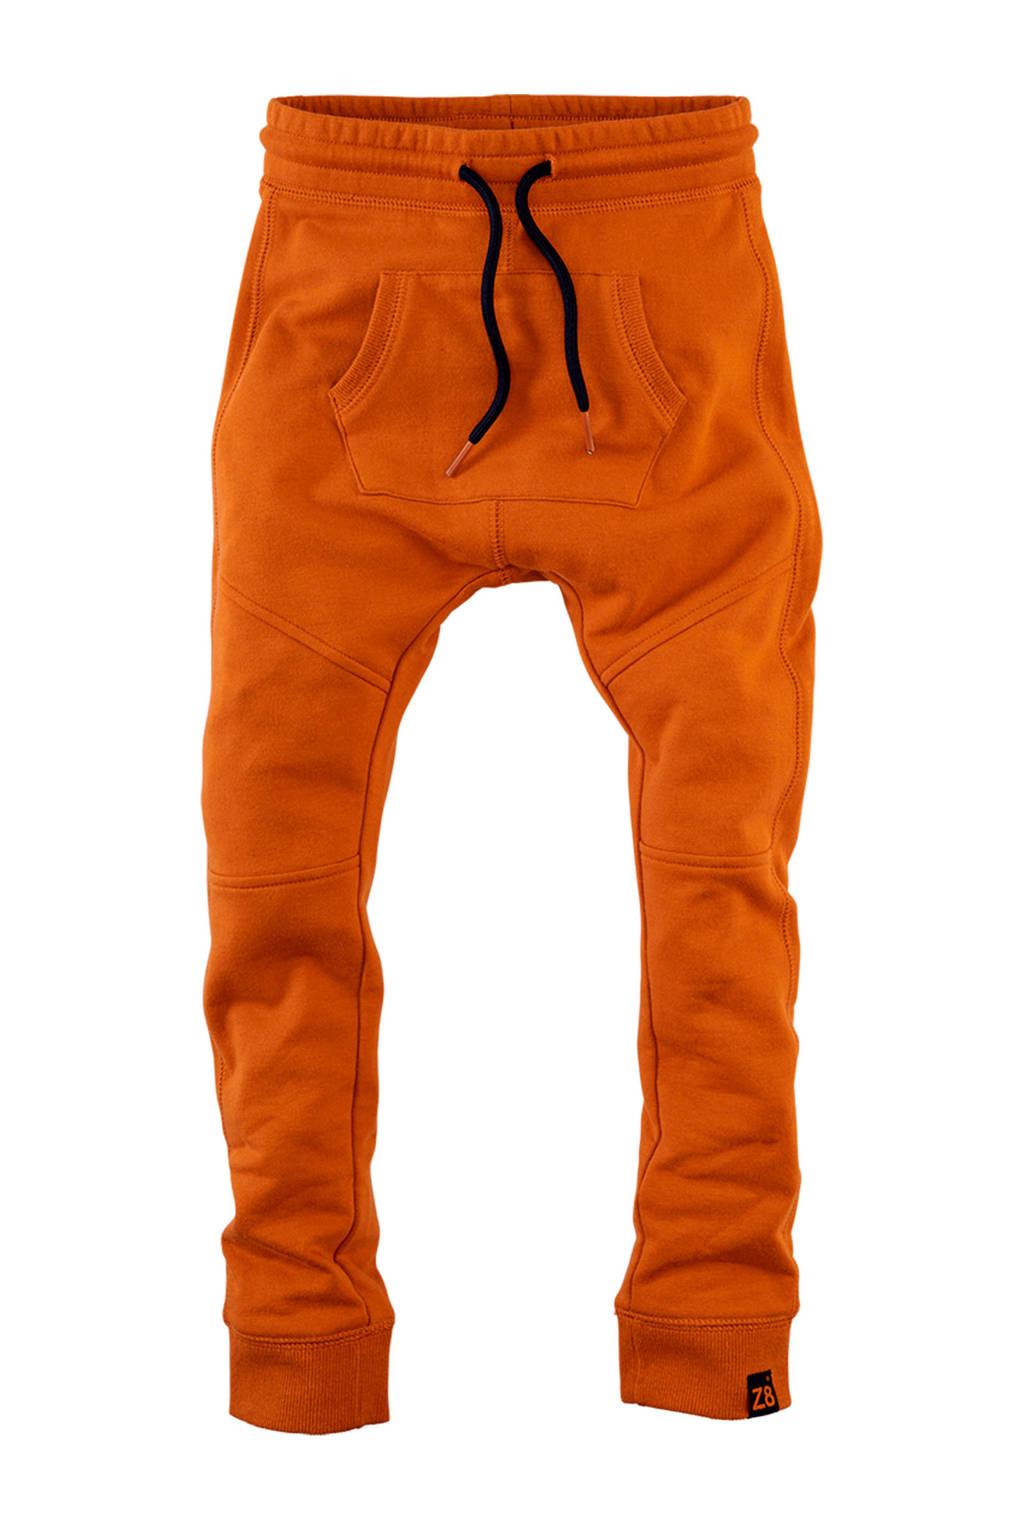 Z8   joggingbroek Deacon oranje, Oranje